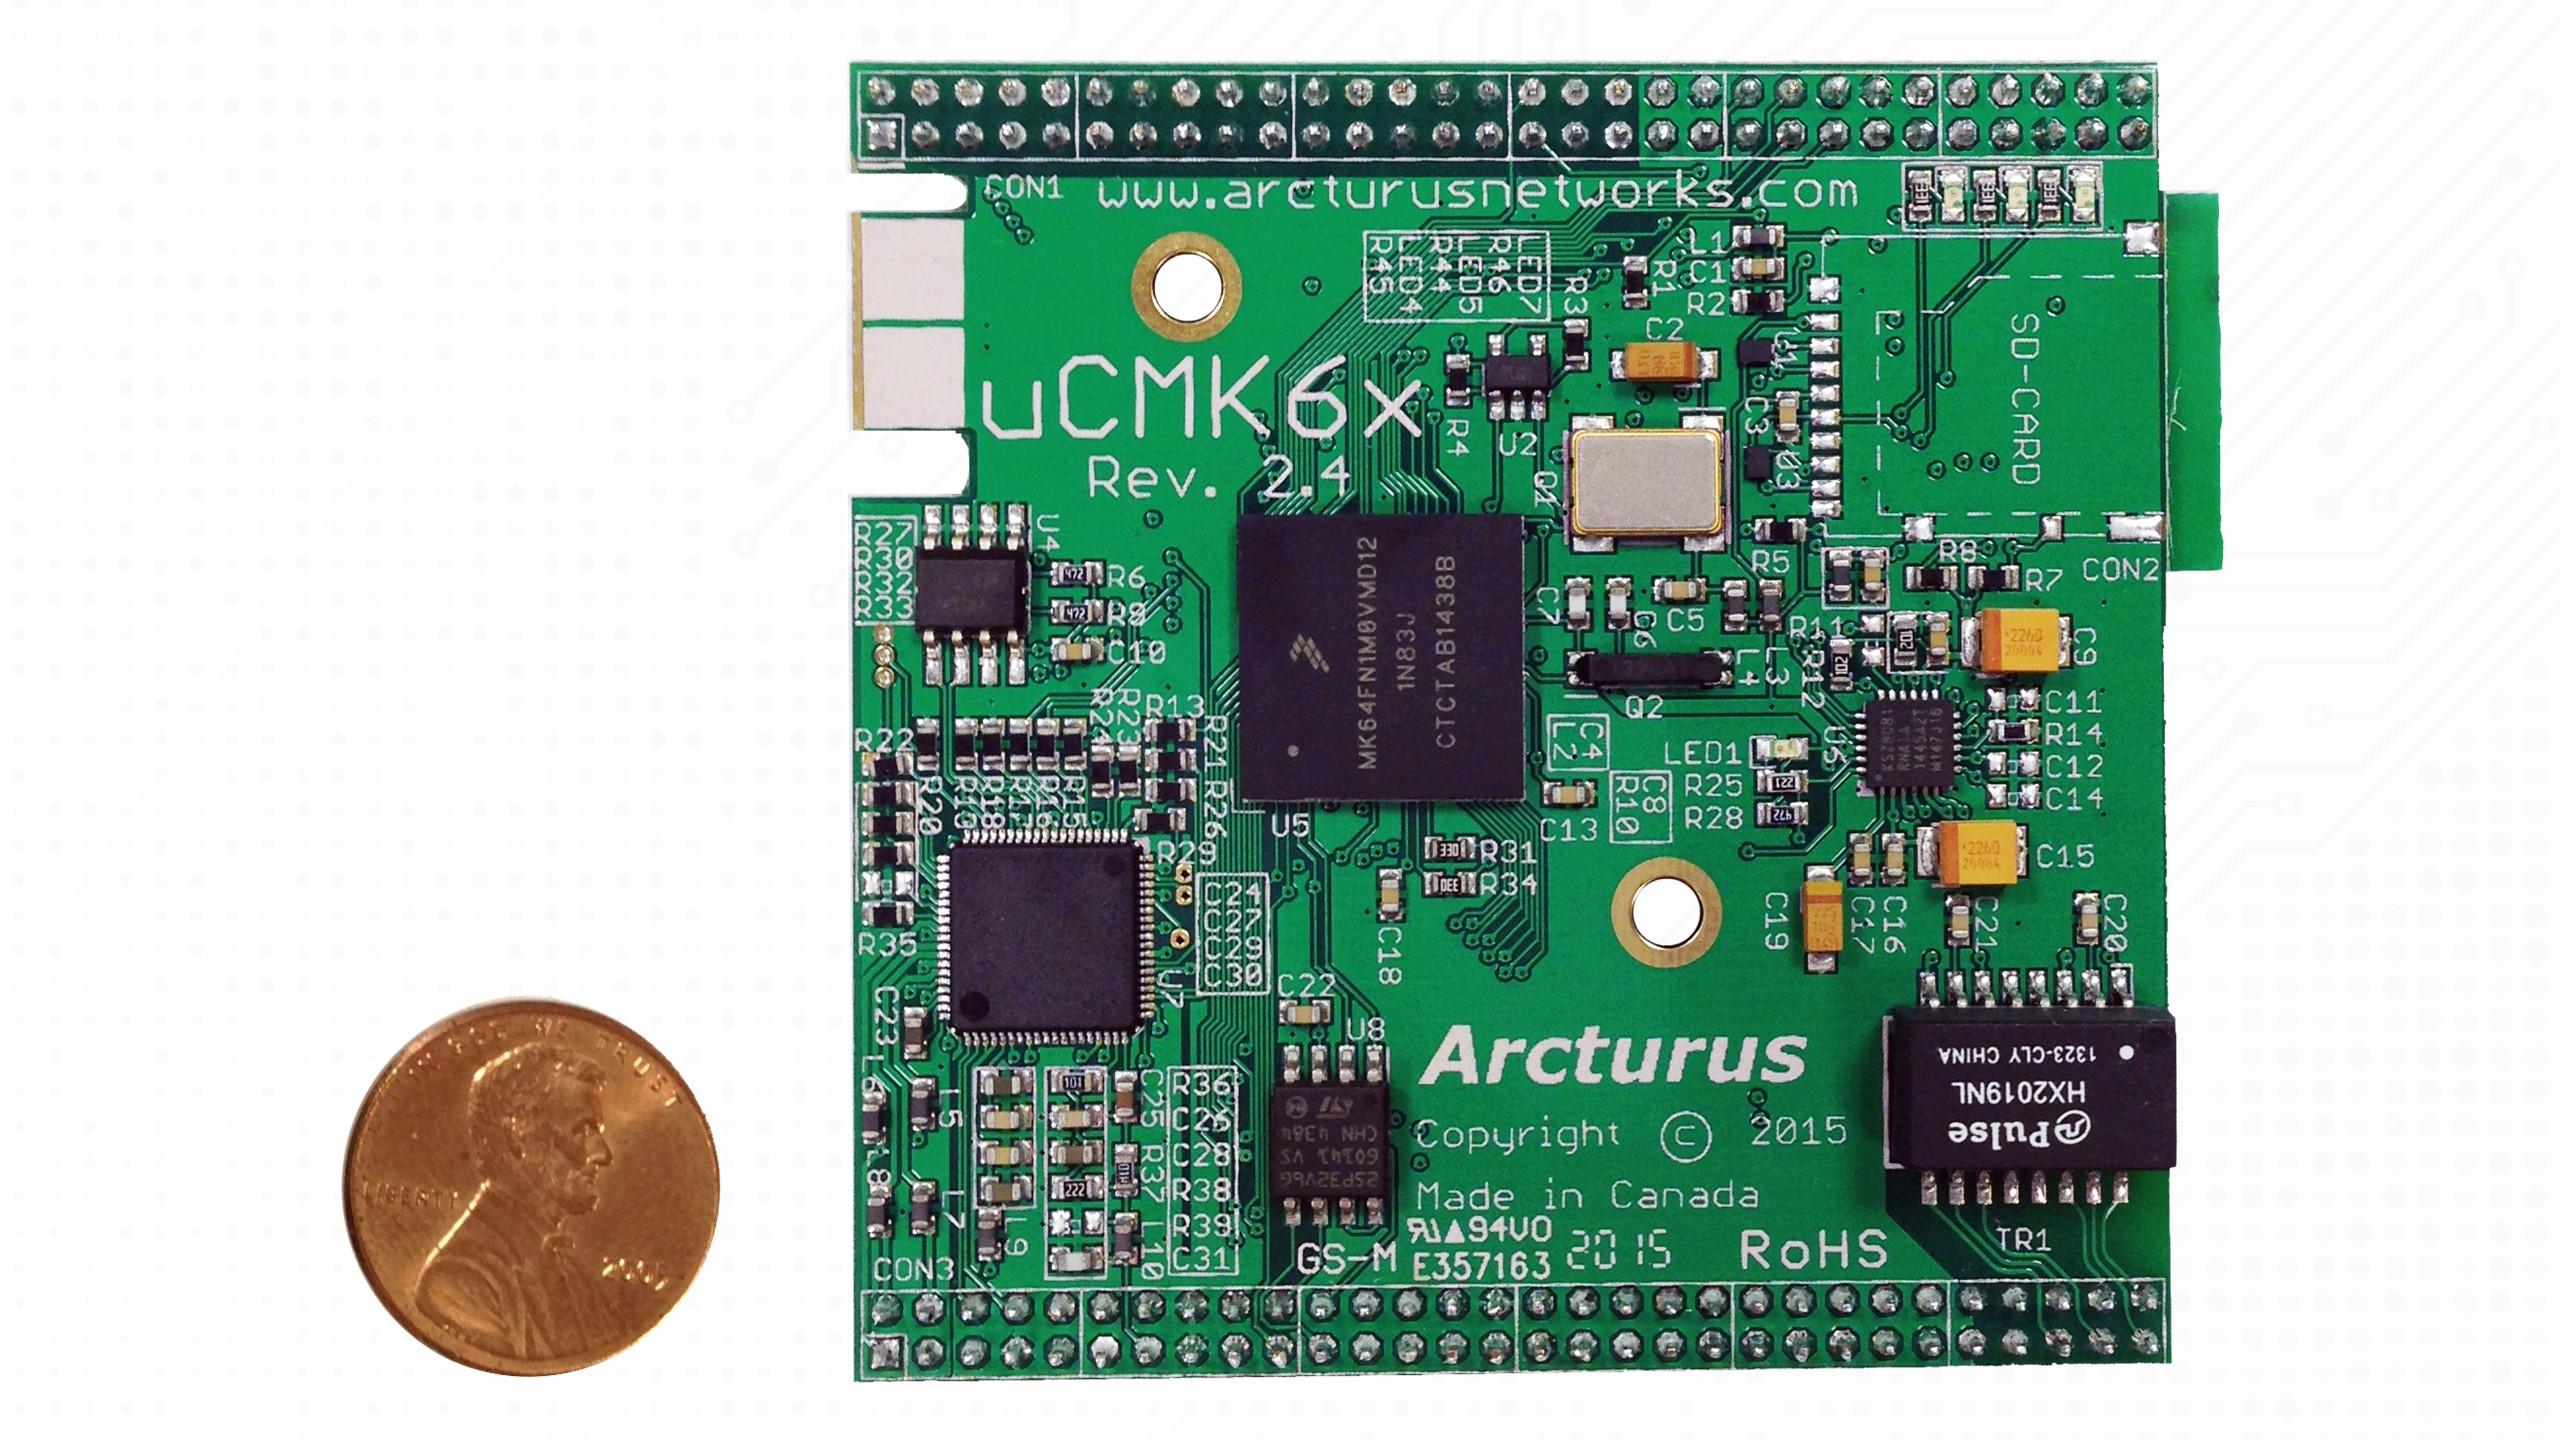 uCMK64-VoIP Module Top